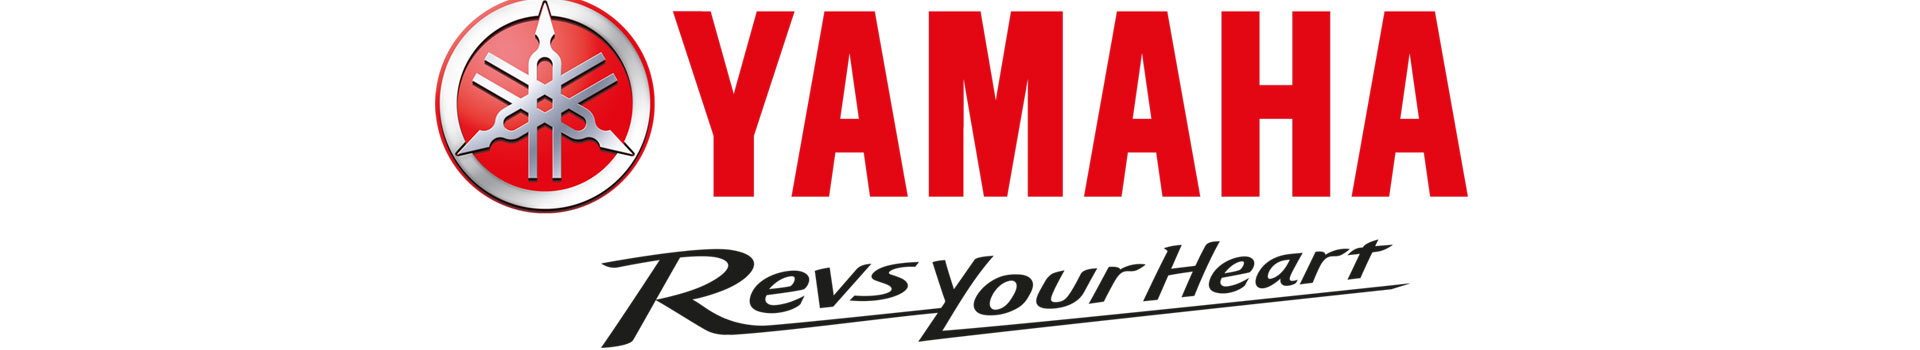 yamaha-6